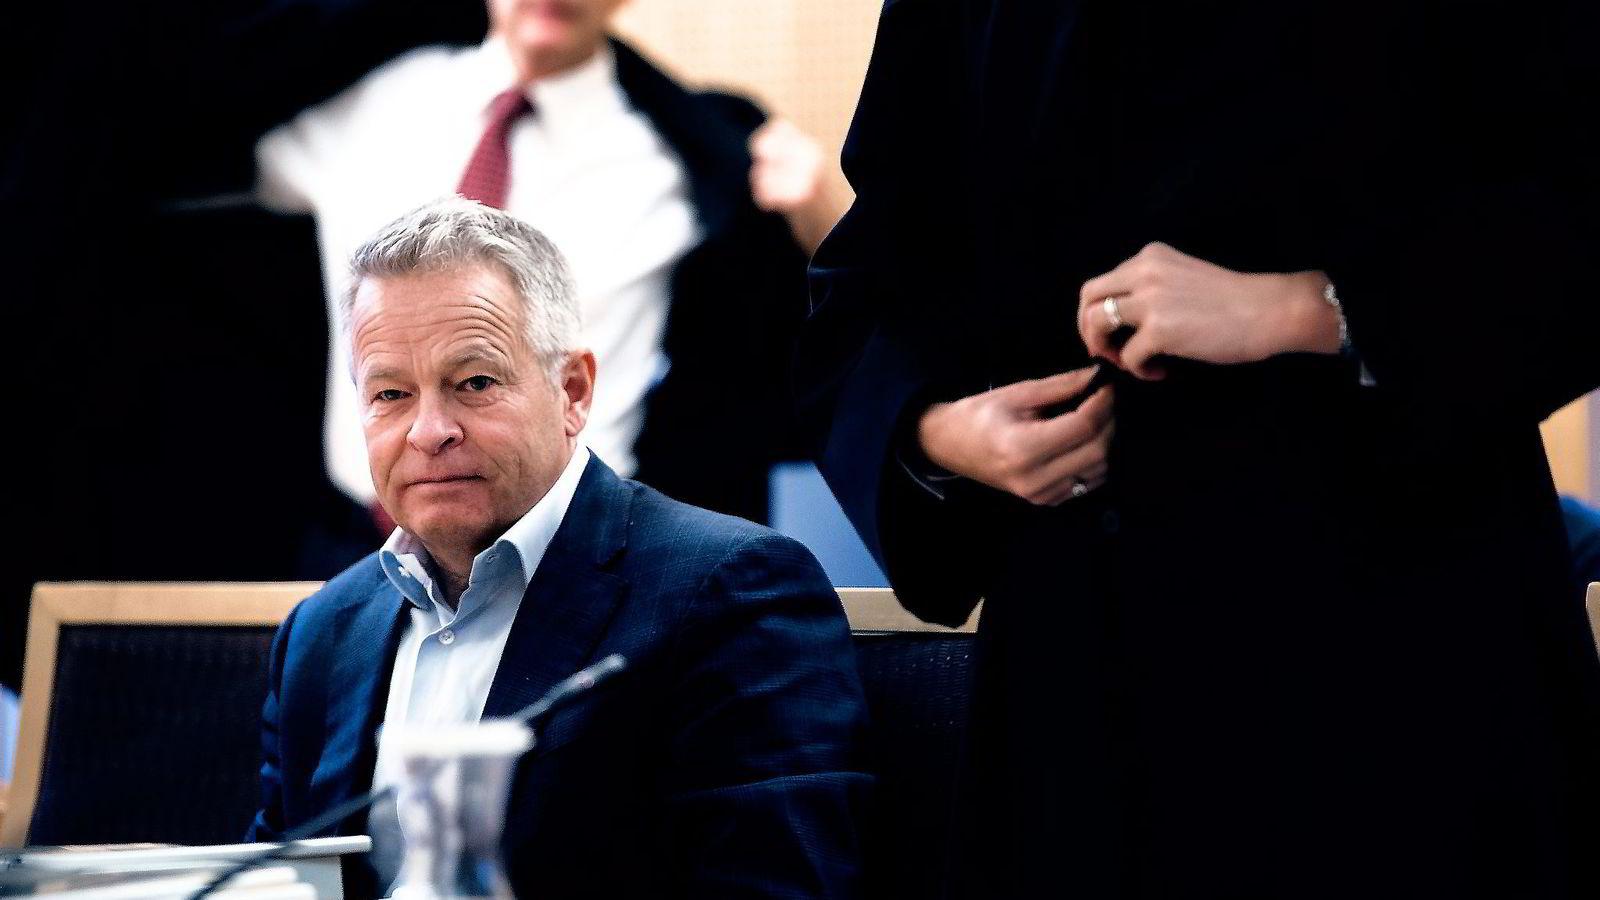 Endre Rangnes er saksøkt av sin tidligere arbeidsgiver Lindorff.               Foto: Per Ståle Bugjerde